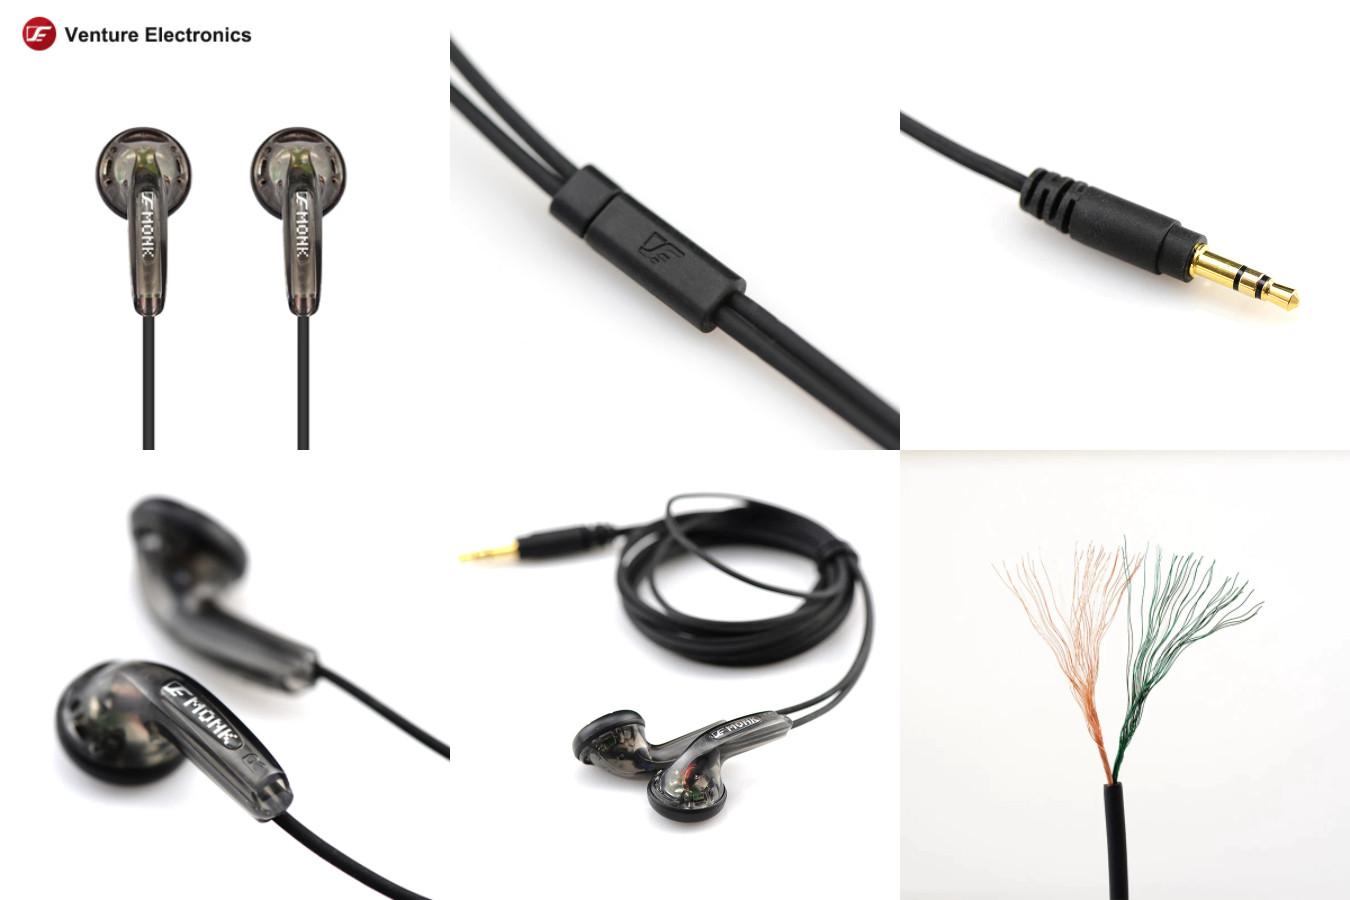 Наушники с чистым звучанием — Venture Electronics Monk Plus